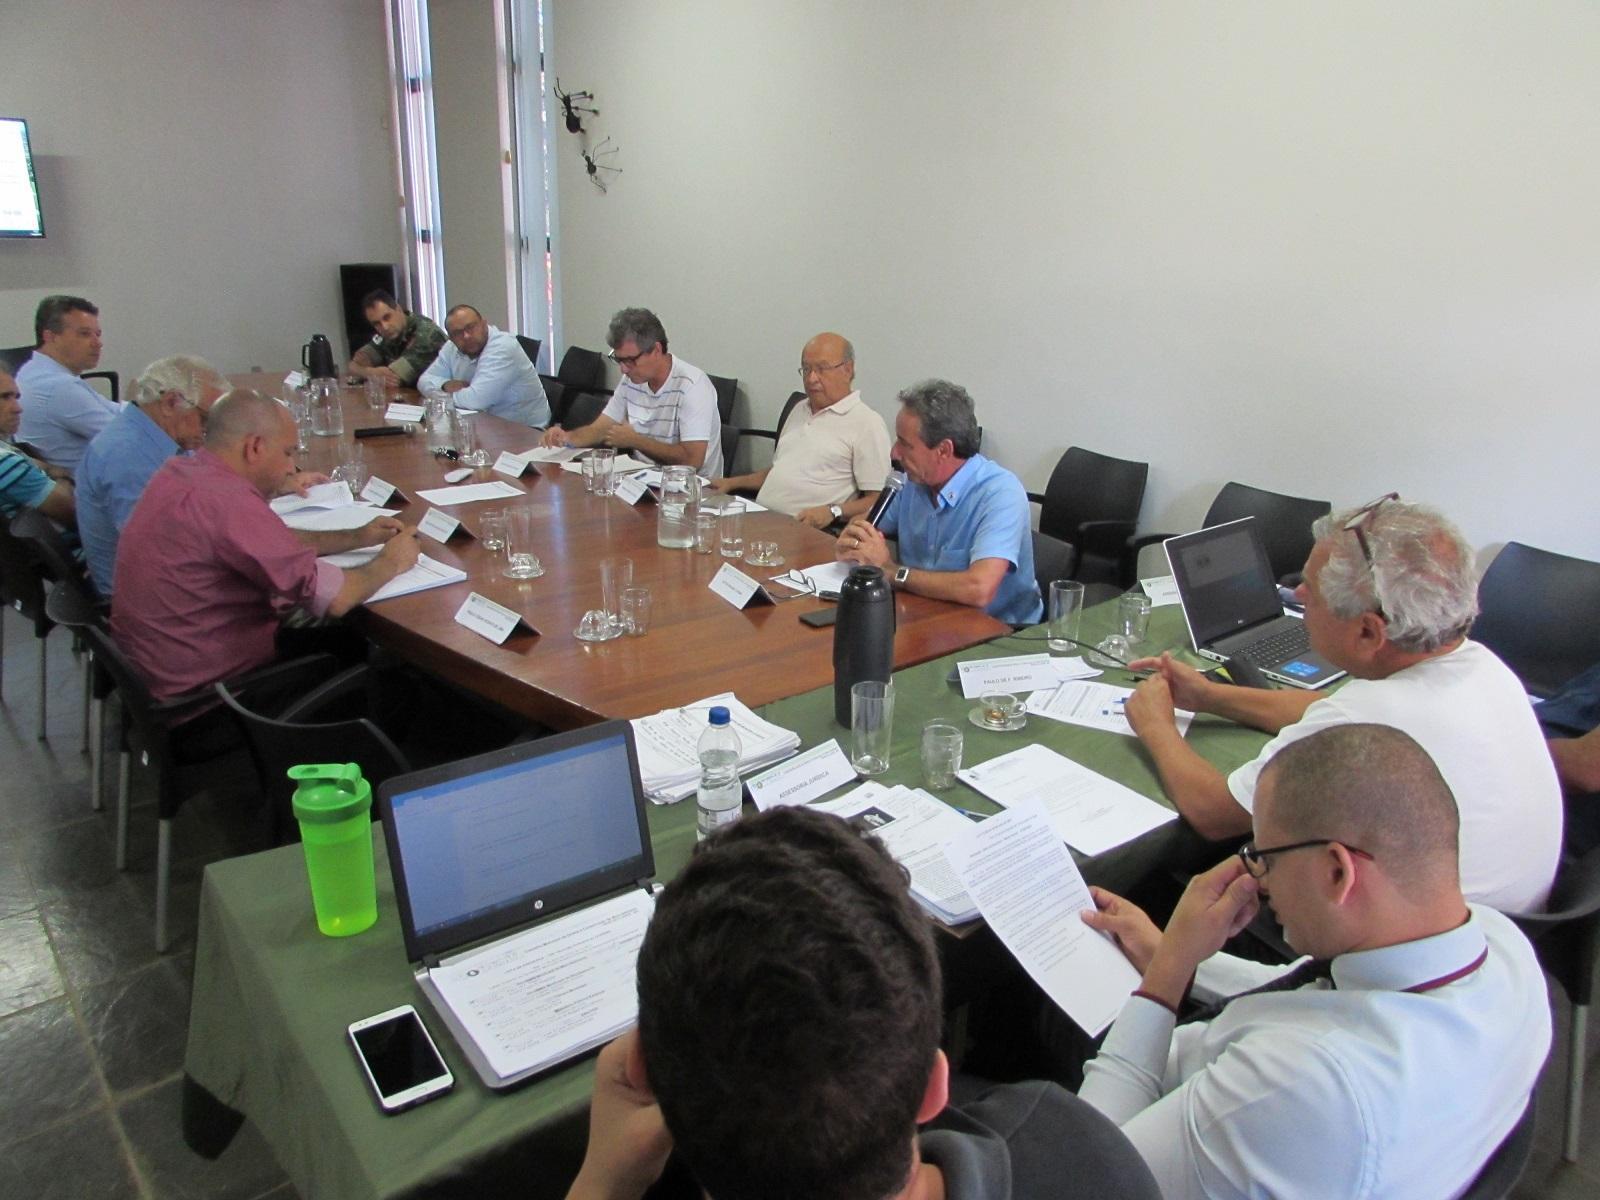 Imagem de destaque CODEMA - Criada comissão para coibir invasões em Montes Claros